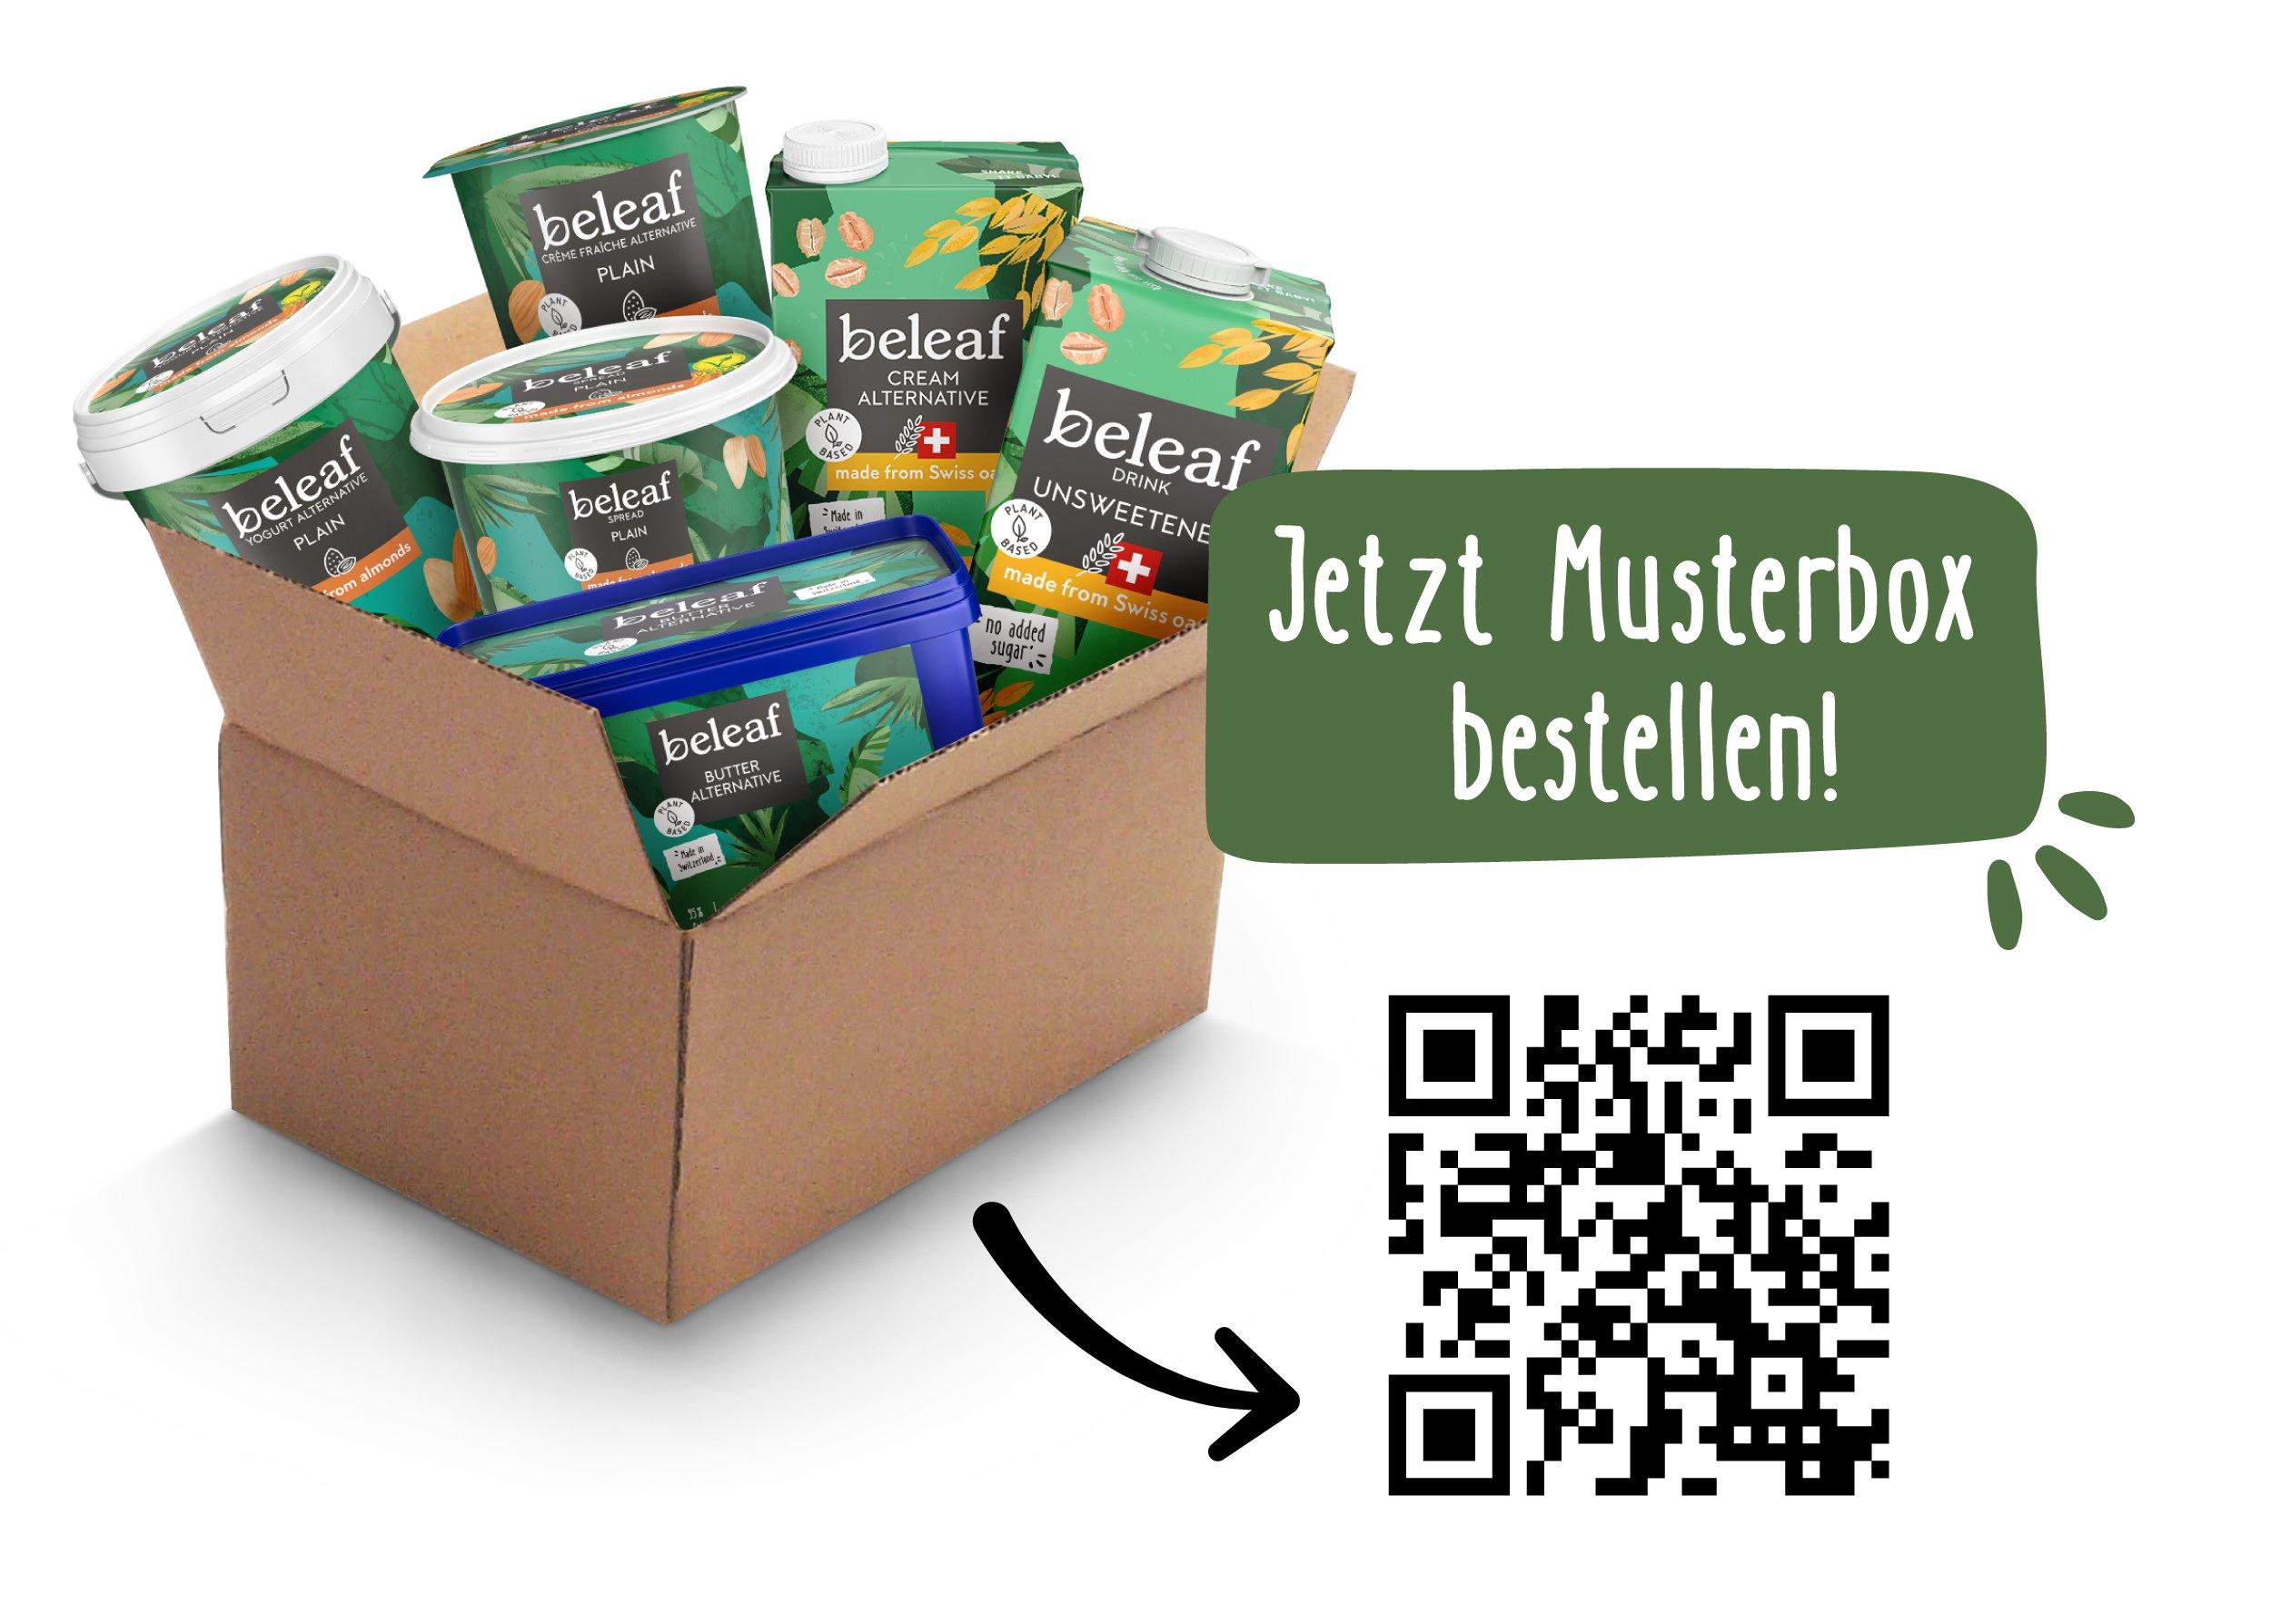 Stimmungsbild Musterbox Beleaf QRCode 600x429px DE.png